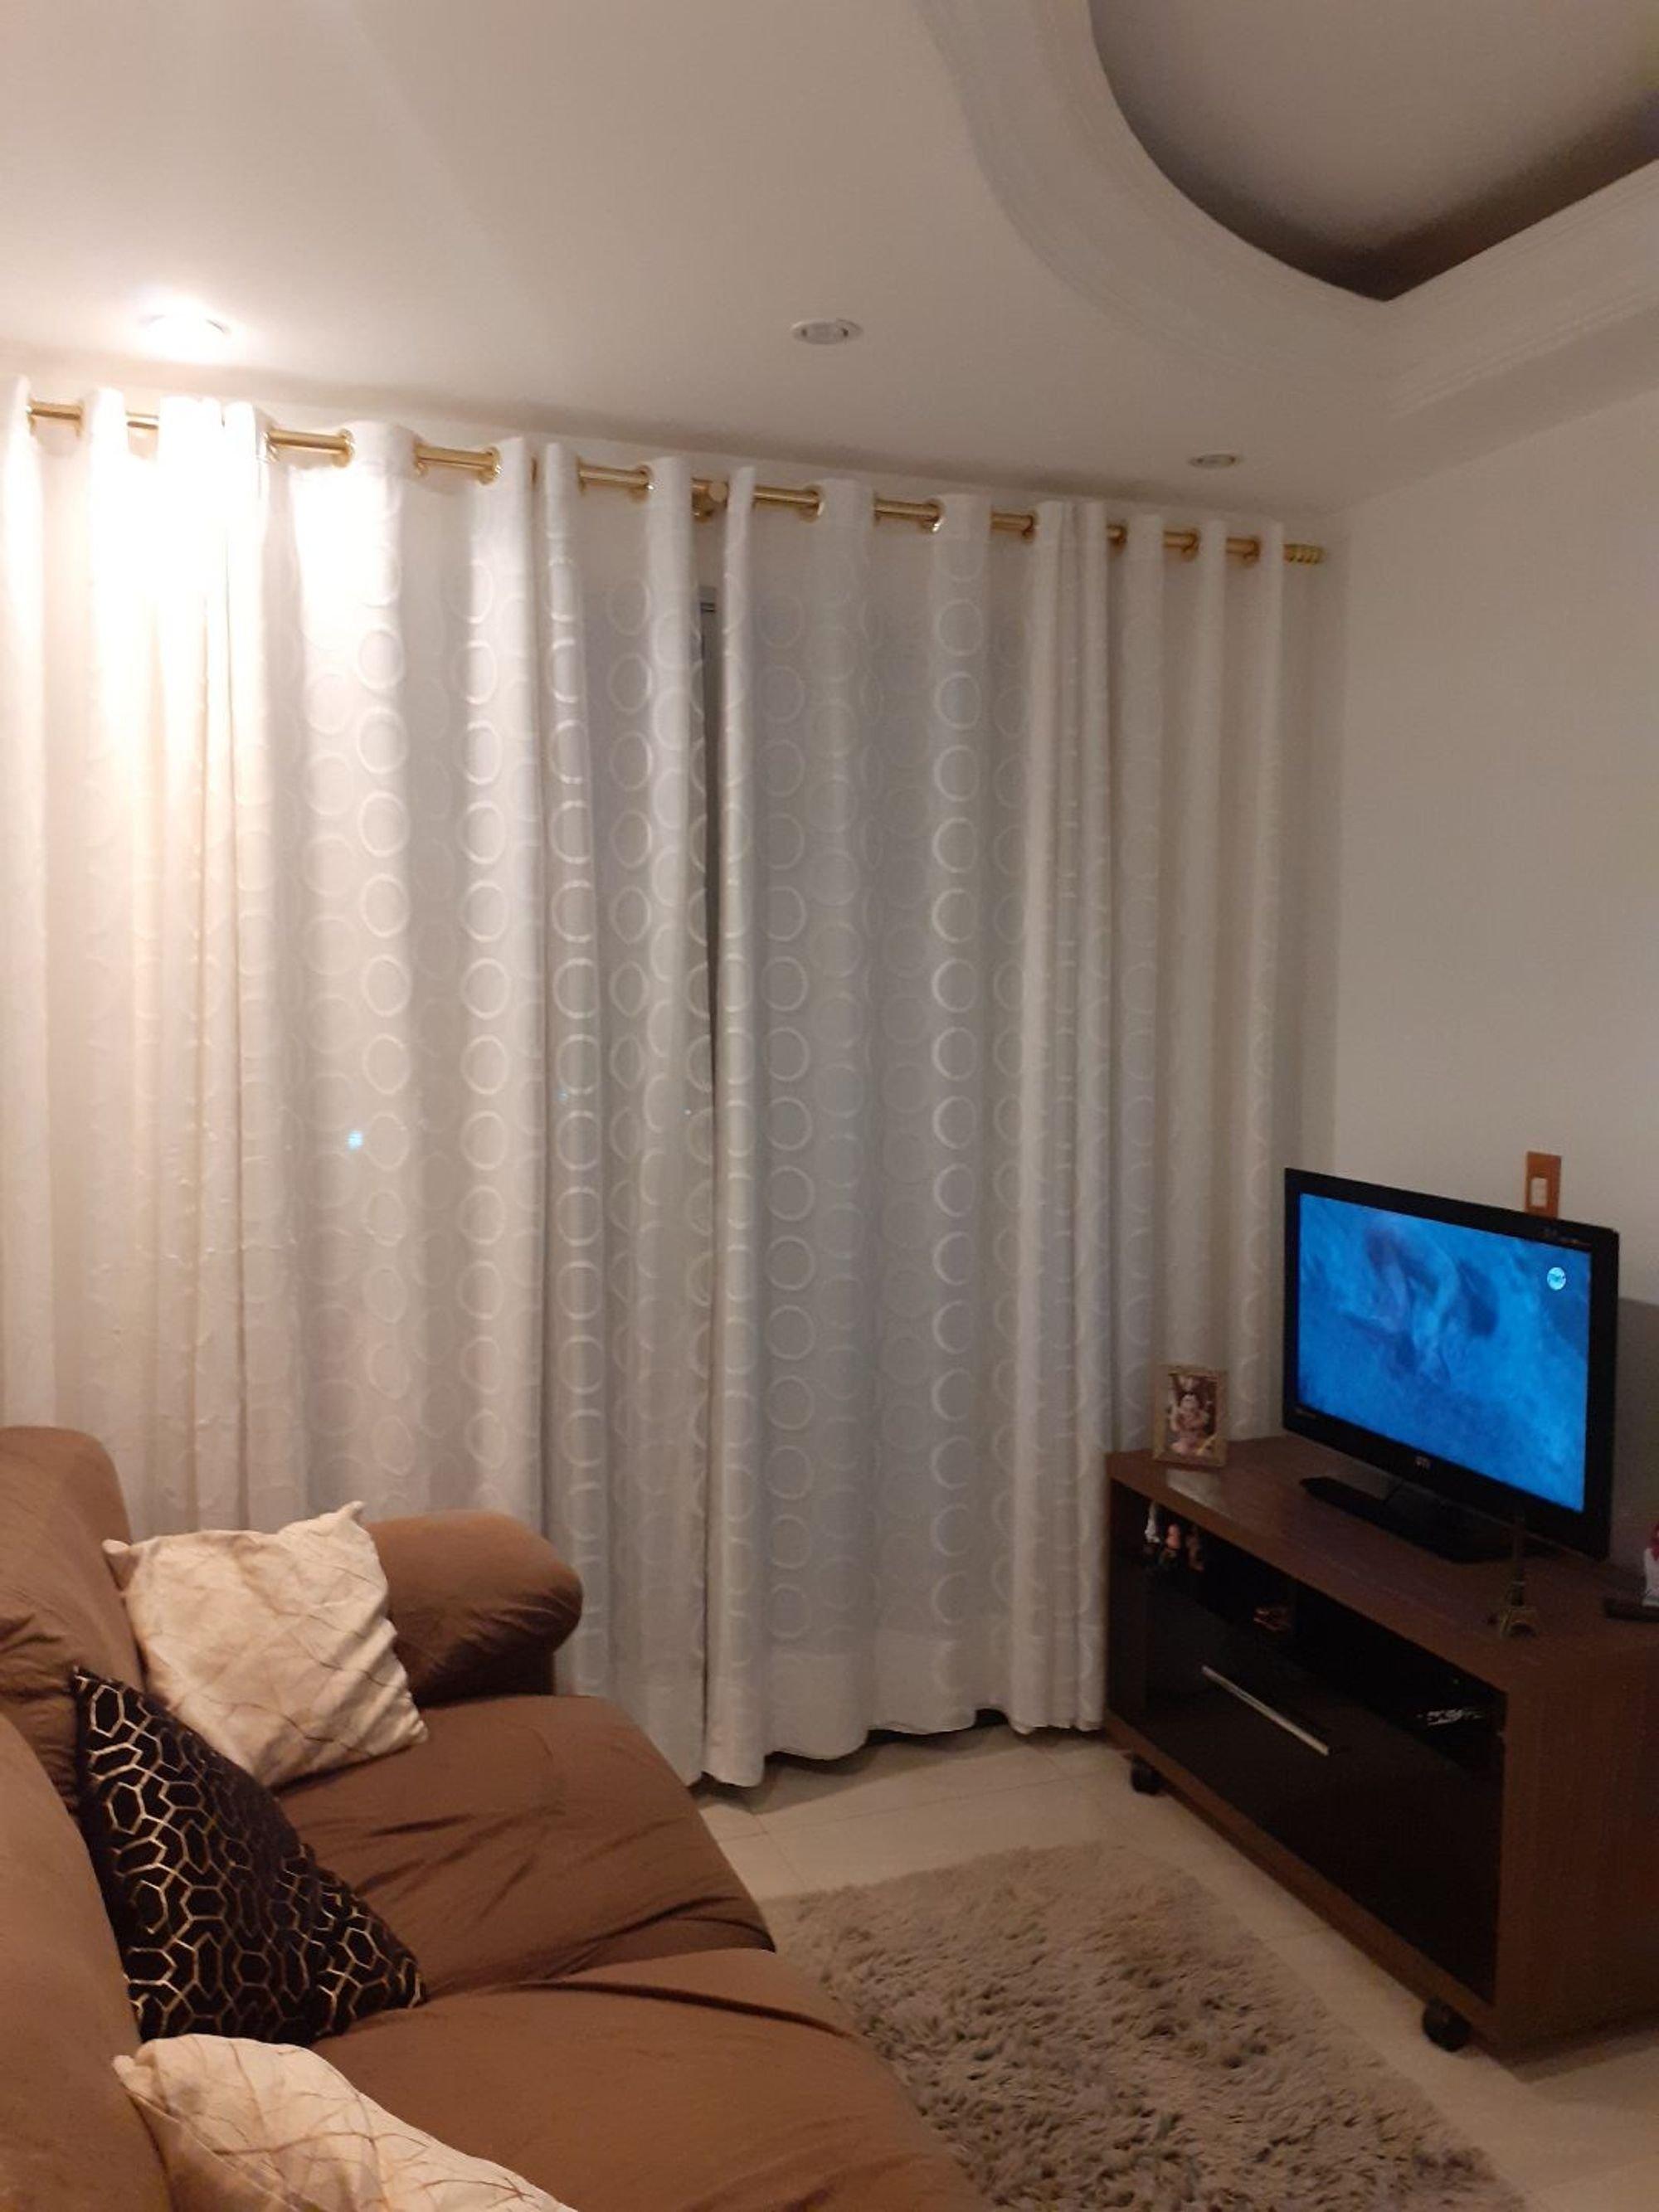 Foto de Quarto com sofá, televisão